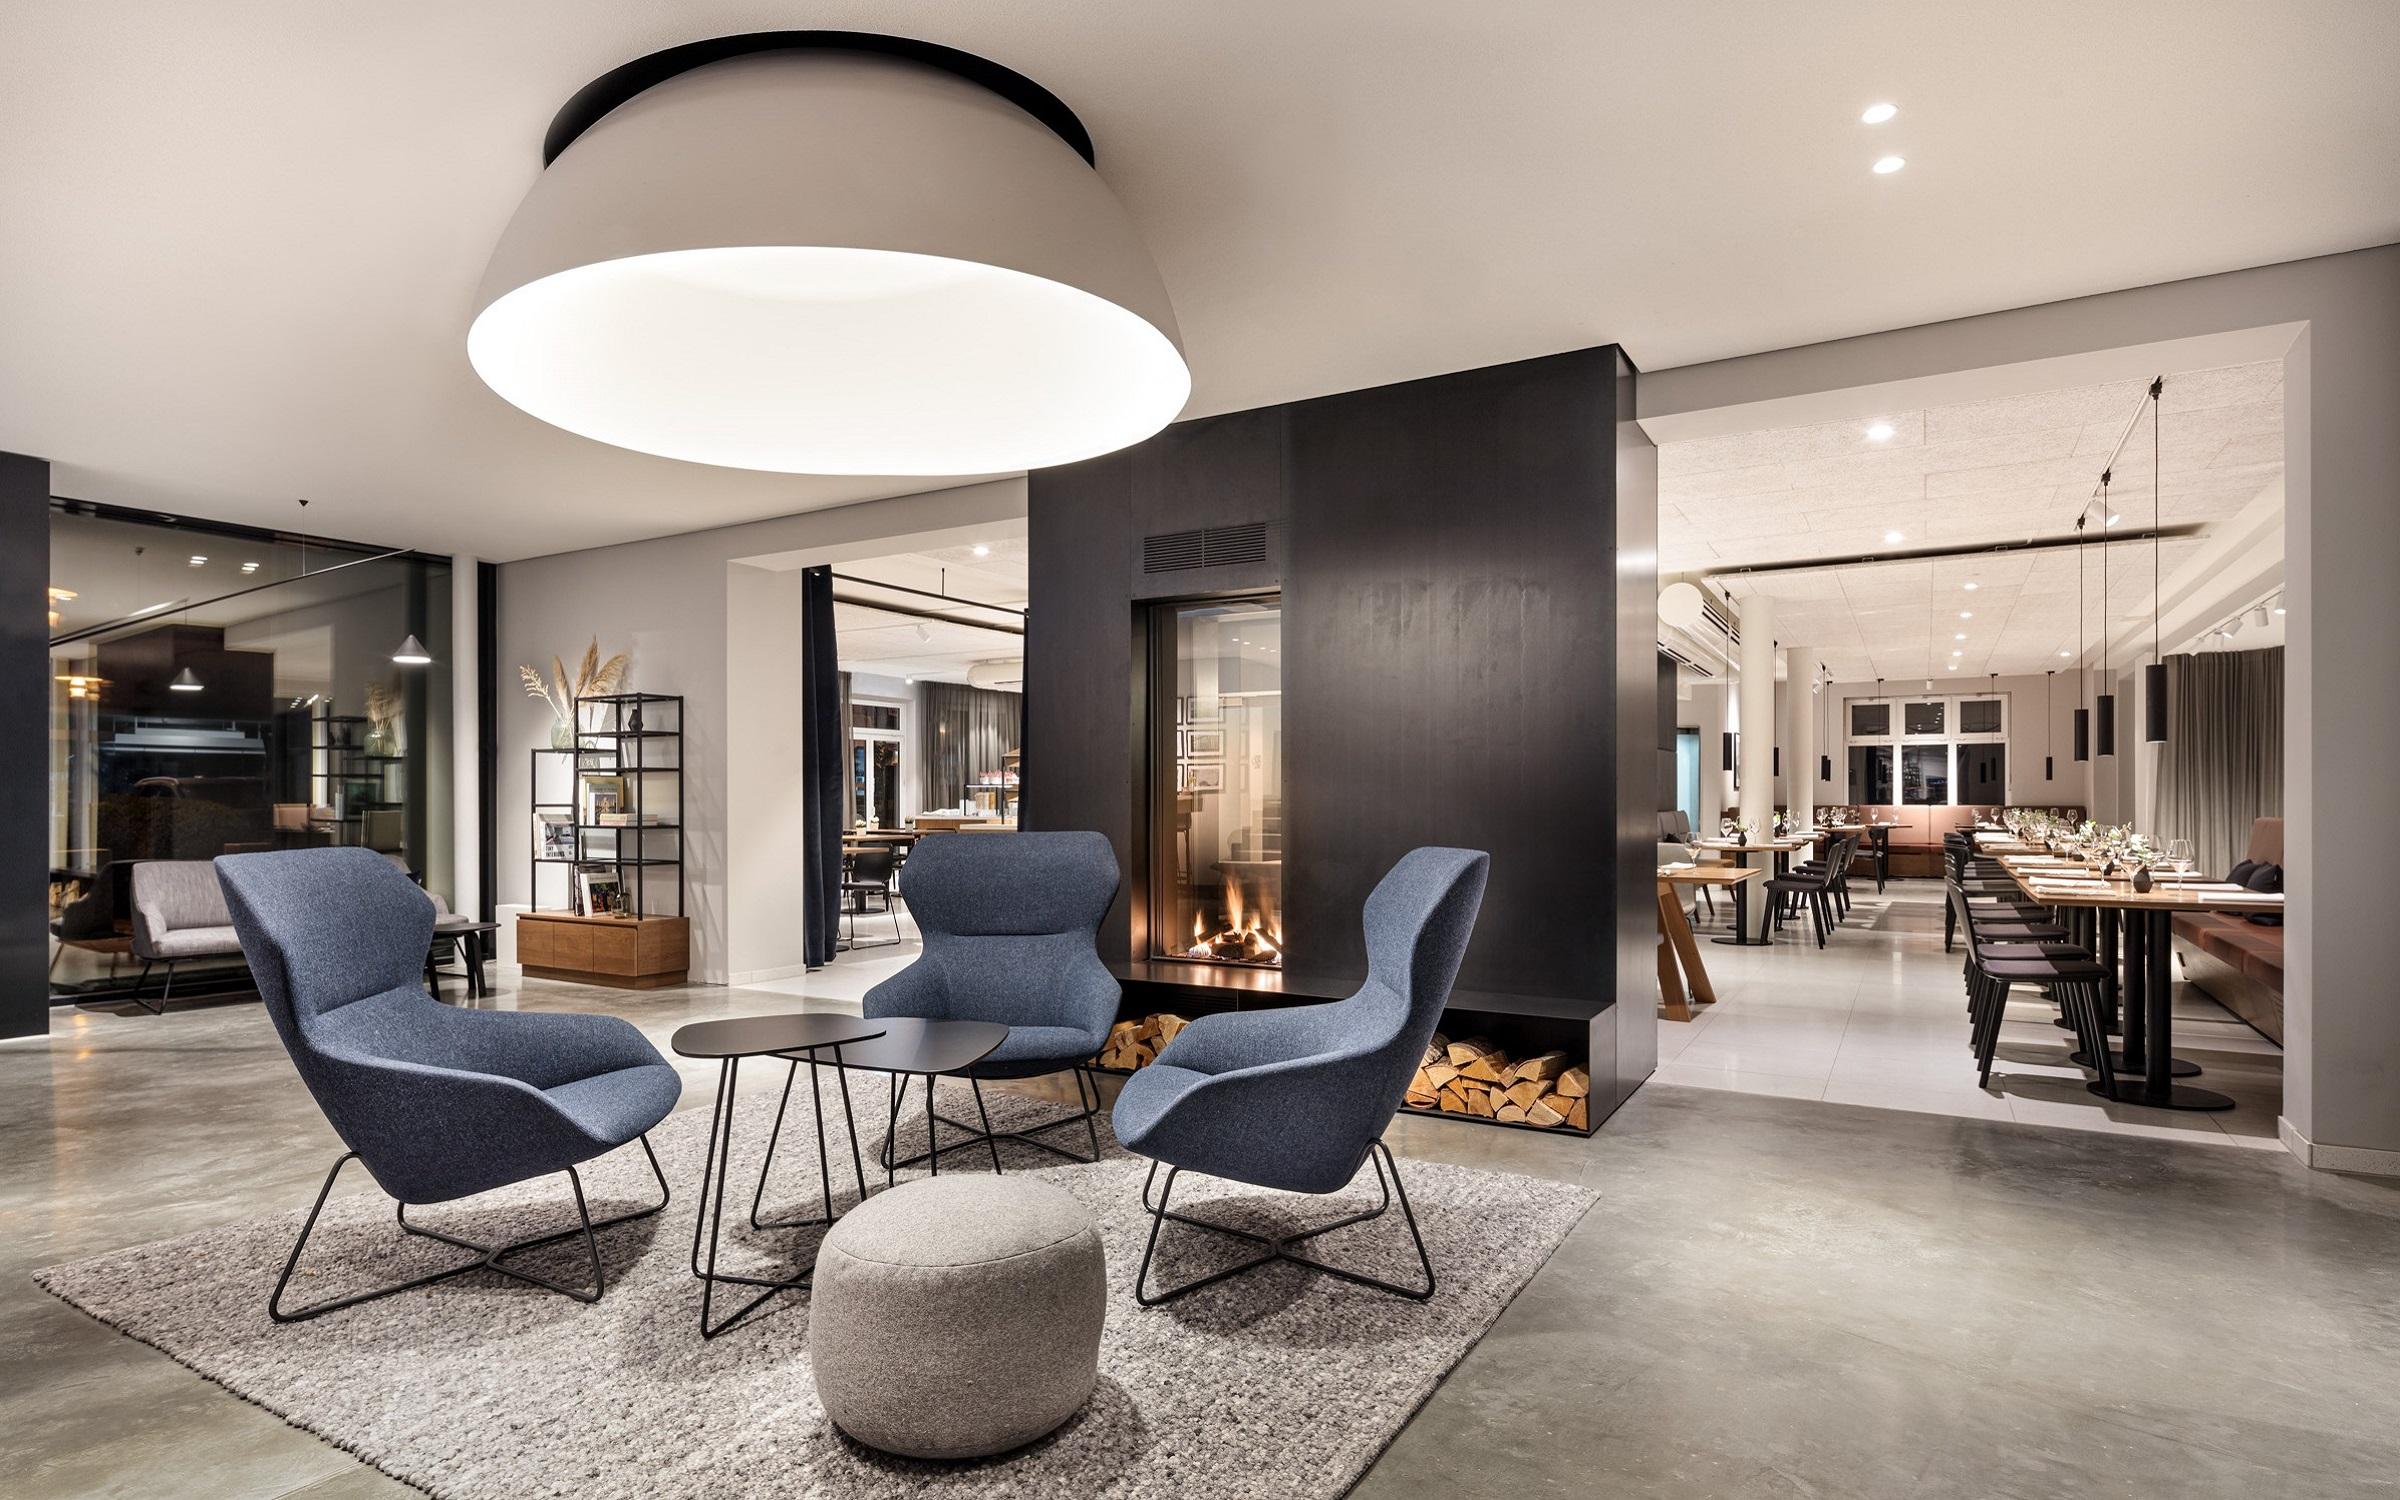 Hotel & Gastronomie   DIA – Dittel Architekten